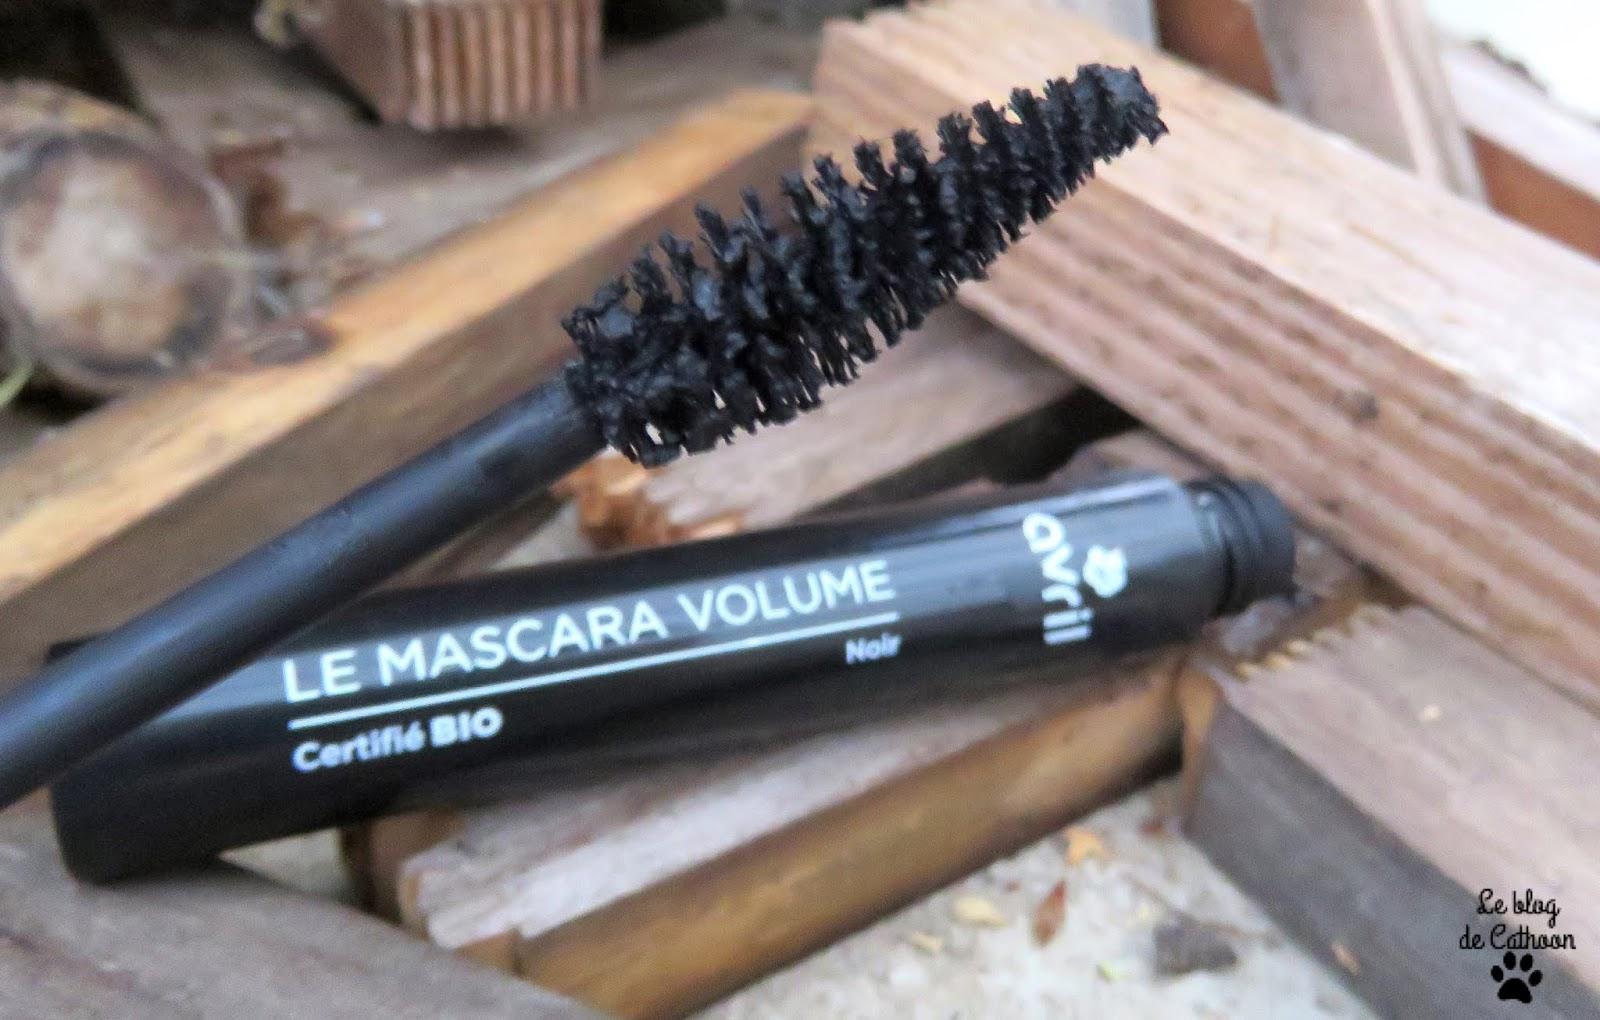 Le Mascara Volume - Mascara Noir - Avril